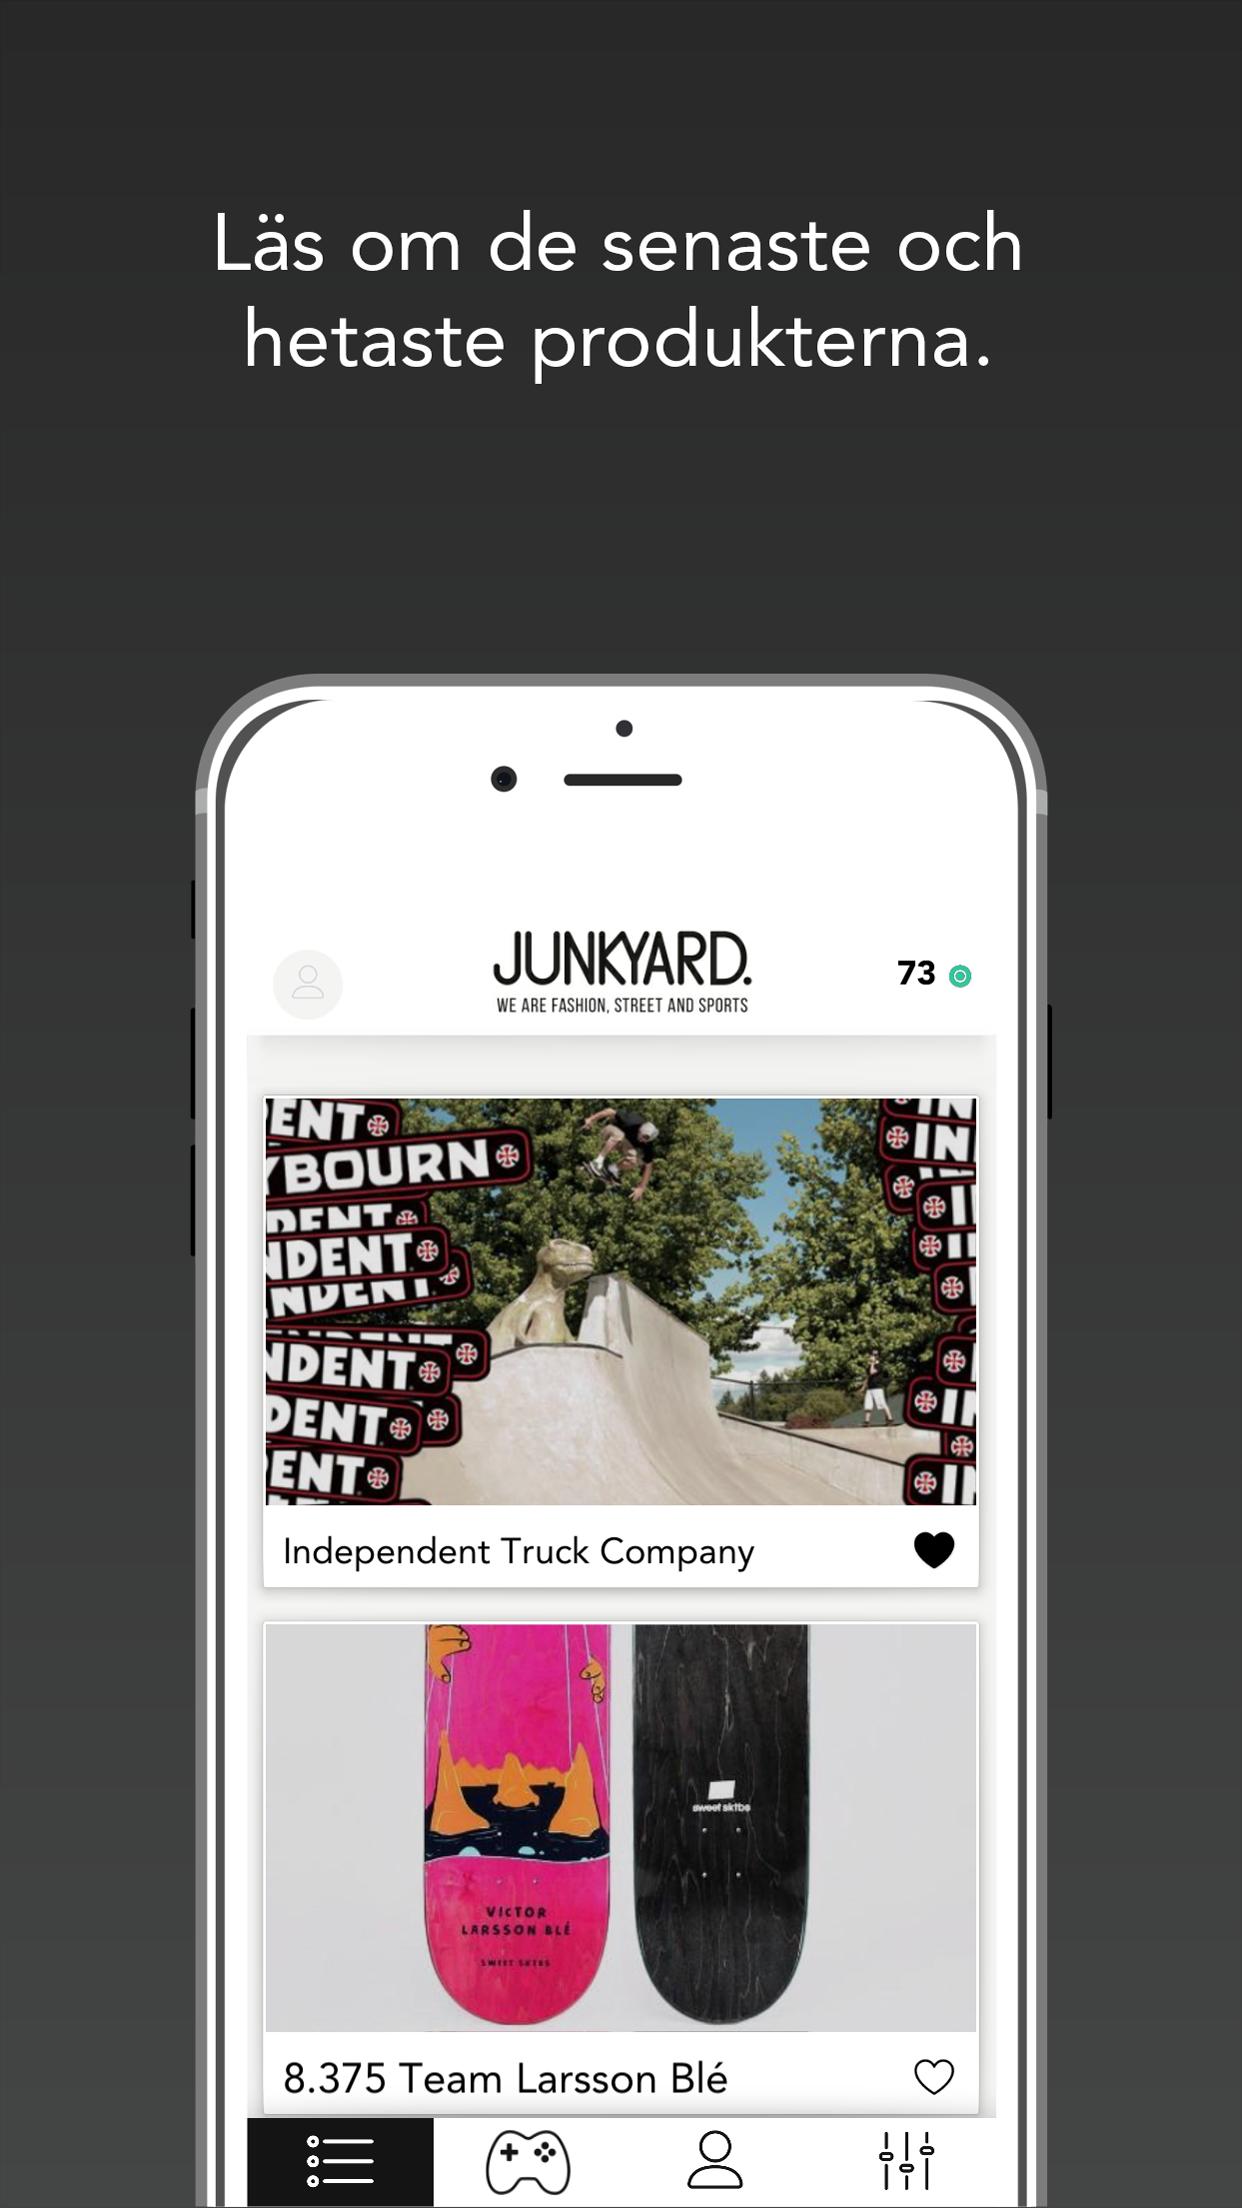 junk1.png